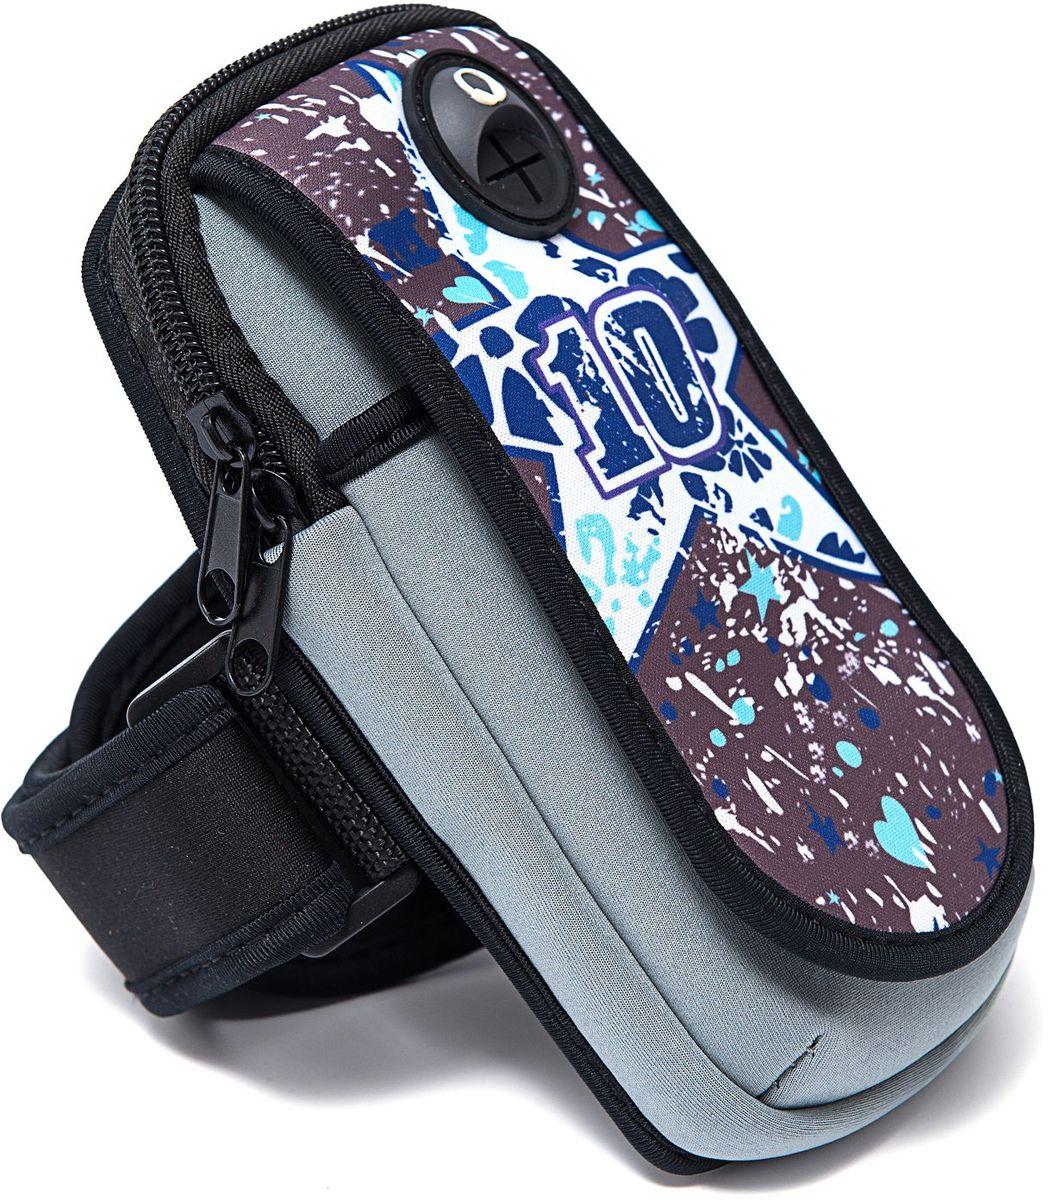 Органайзер Homsu, цвет: серый, синий, коричневый, 18,5 х 9,5 х 4 смR-138Вместительный и удобный органайзер на руку Homsu выполнен в яркой расцветке из прочного неопрена. Изделие имеет 1 вместительное отделение на застежке-молнии, в которое можно положить телефон и другие аксессуары. Спереди имеется карман, закрывающийся клапаном на липучке. Из кармана имеется выход для наушников. Органайзер закрепляется на на руке при помощи регулируемого по длине ремешка на липучке.